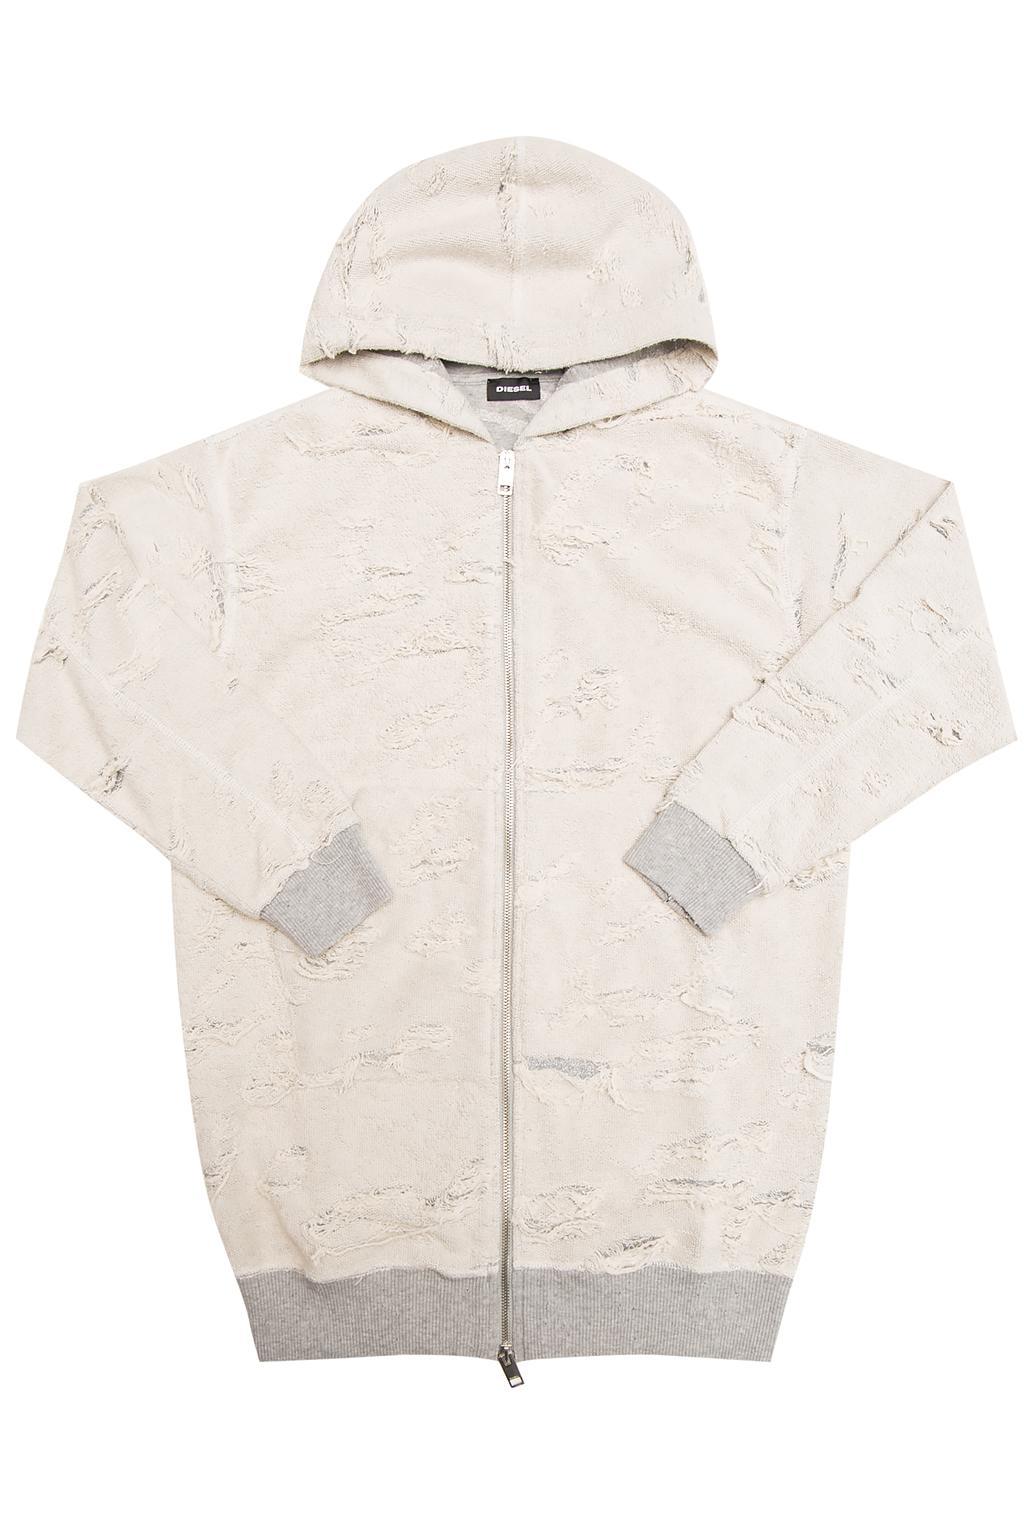 Diesel Kids Reversible hooded sweatshirt